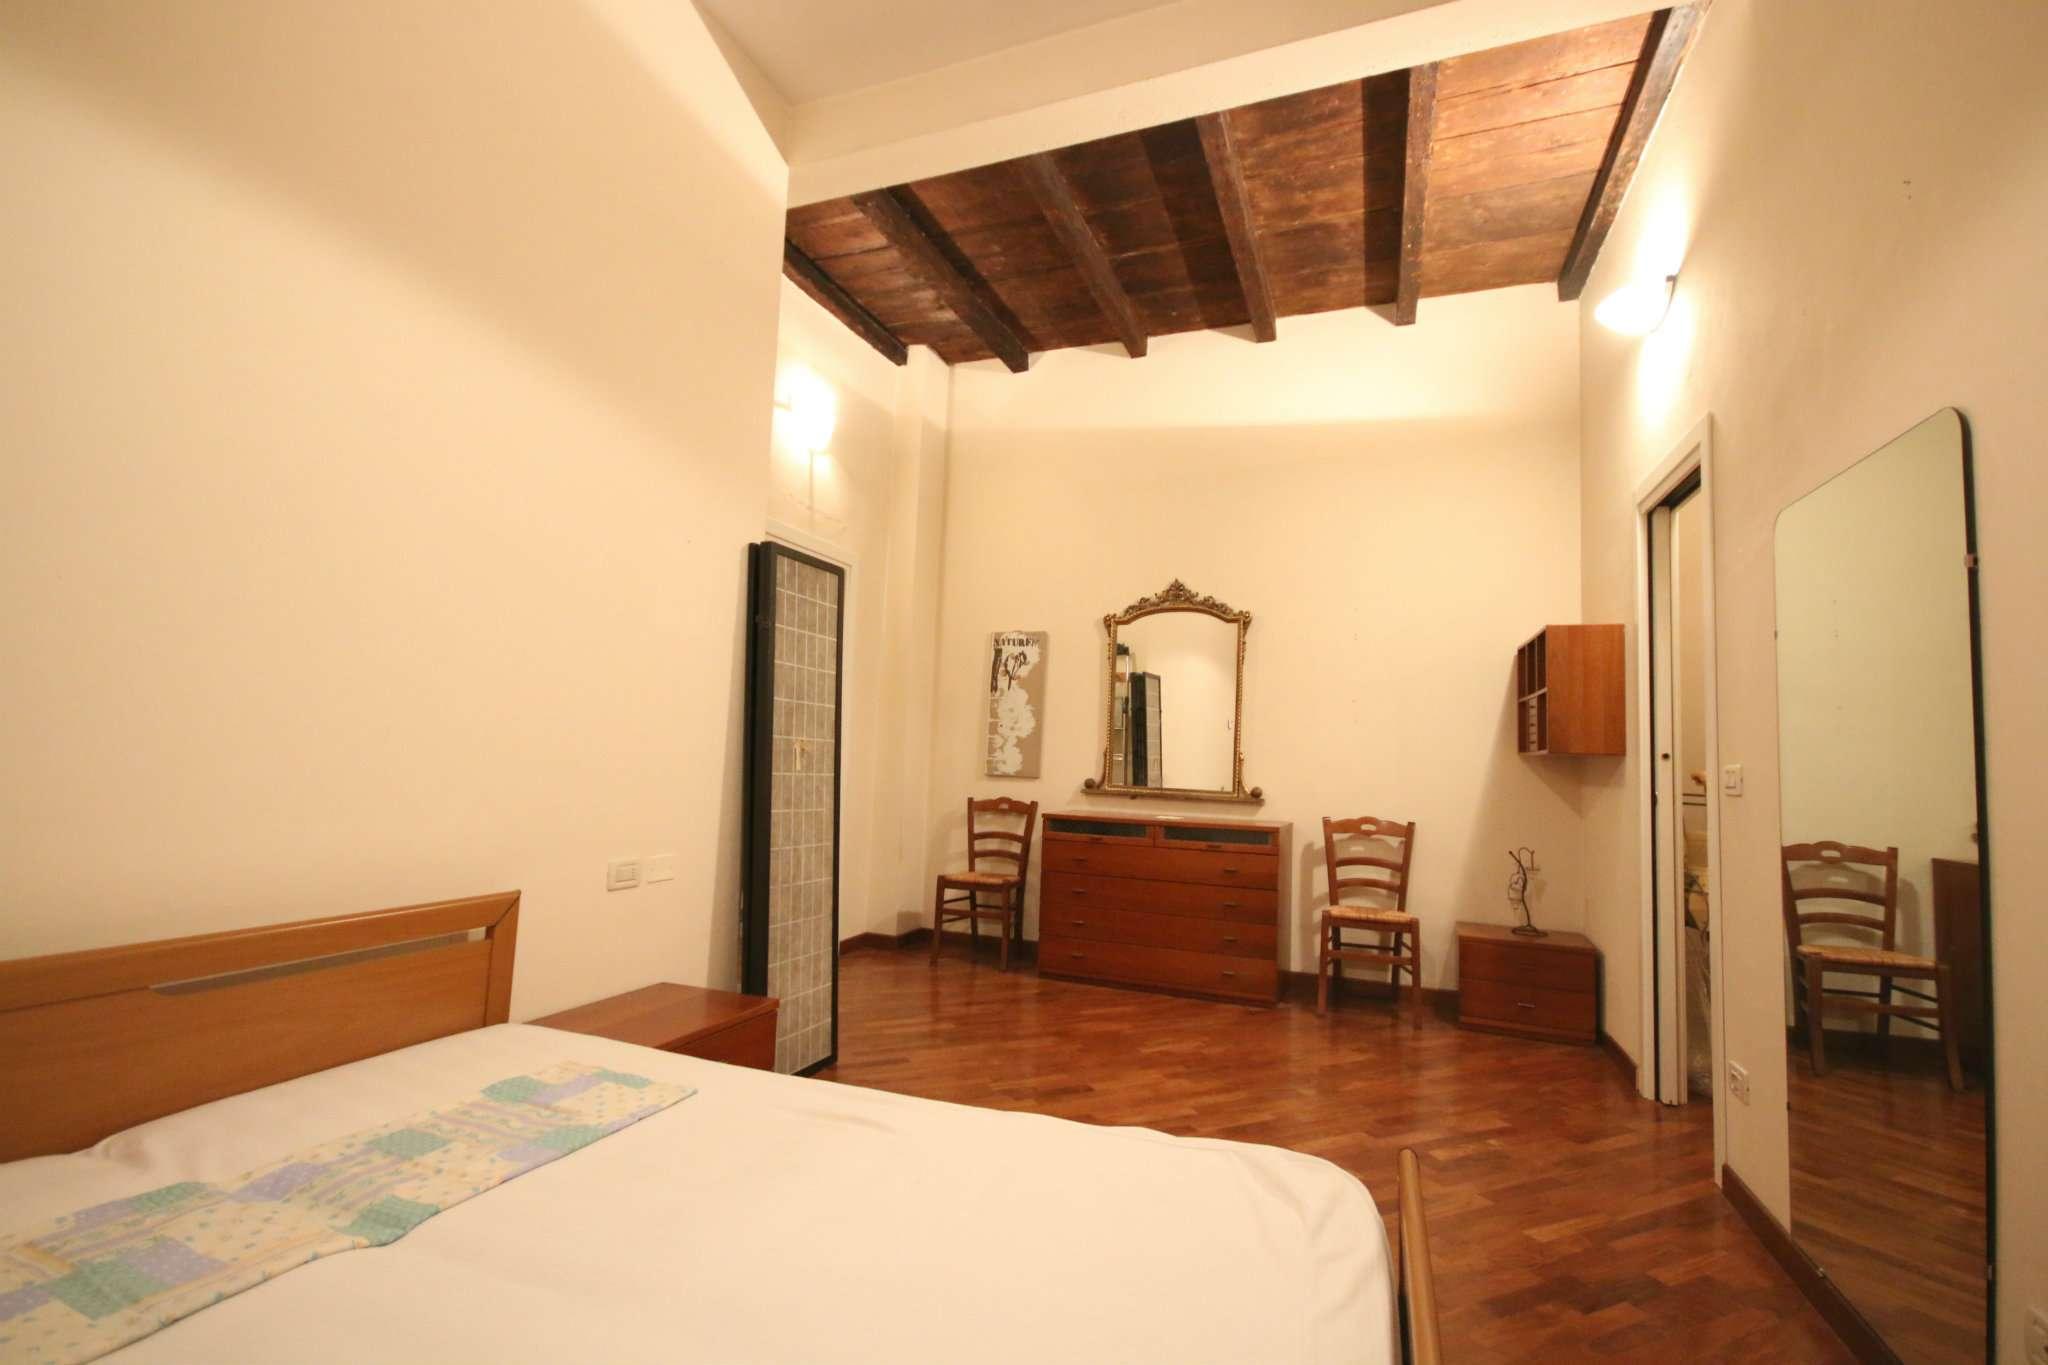 Appartamento in affitto a Bologna, 2 locali, zona Zona: 1 . Centro Storico, prezzo € 760 | Cambio Casa.it